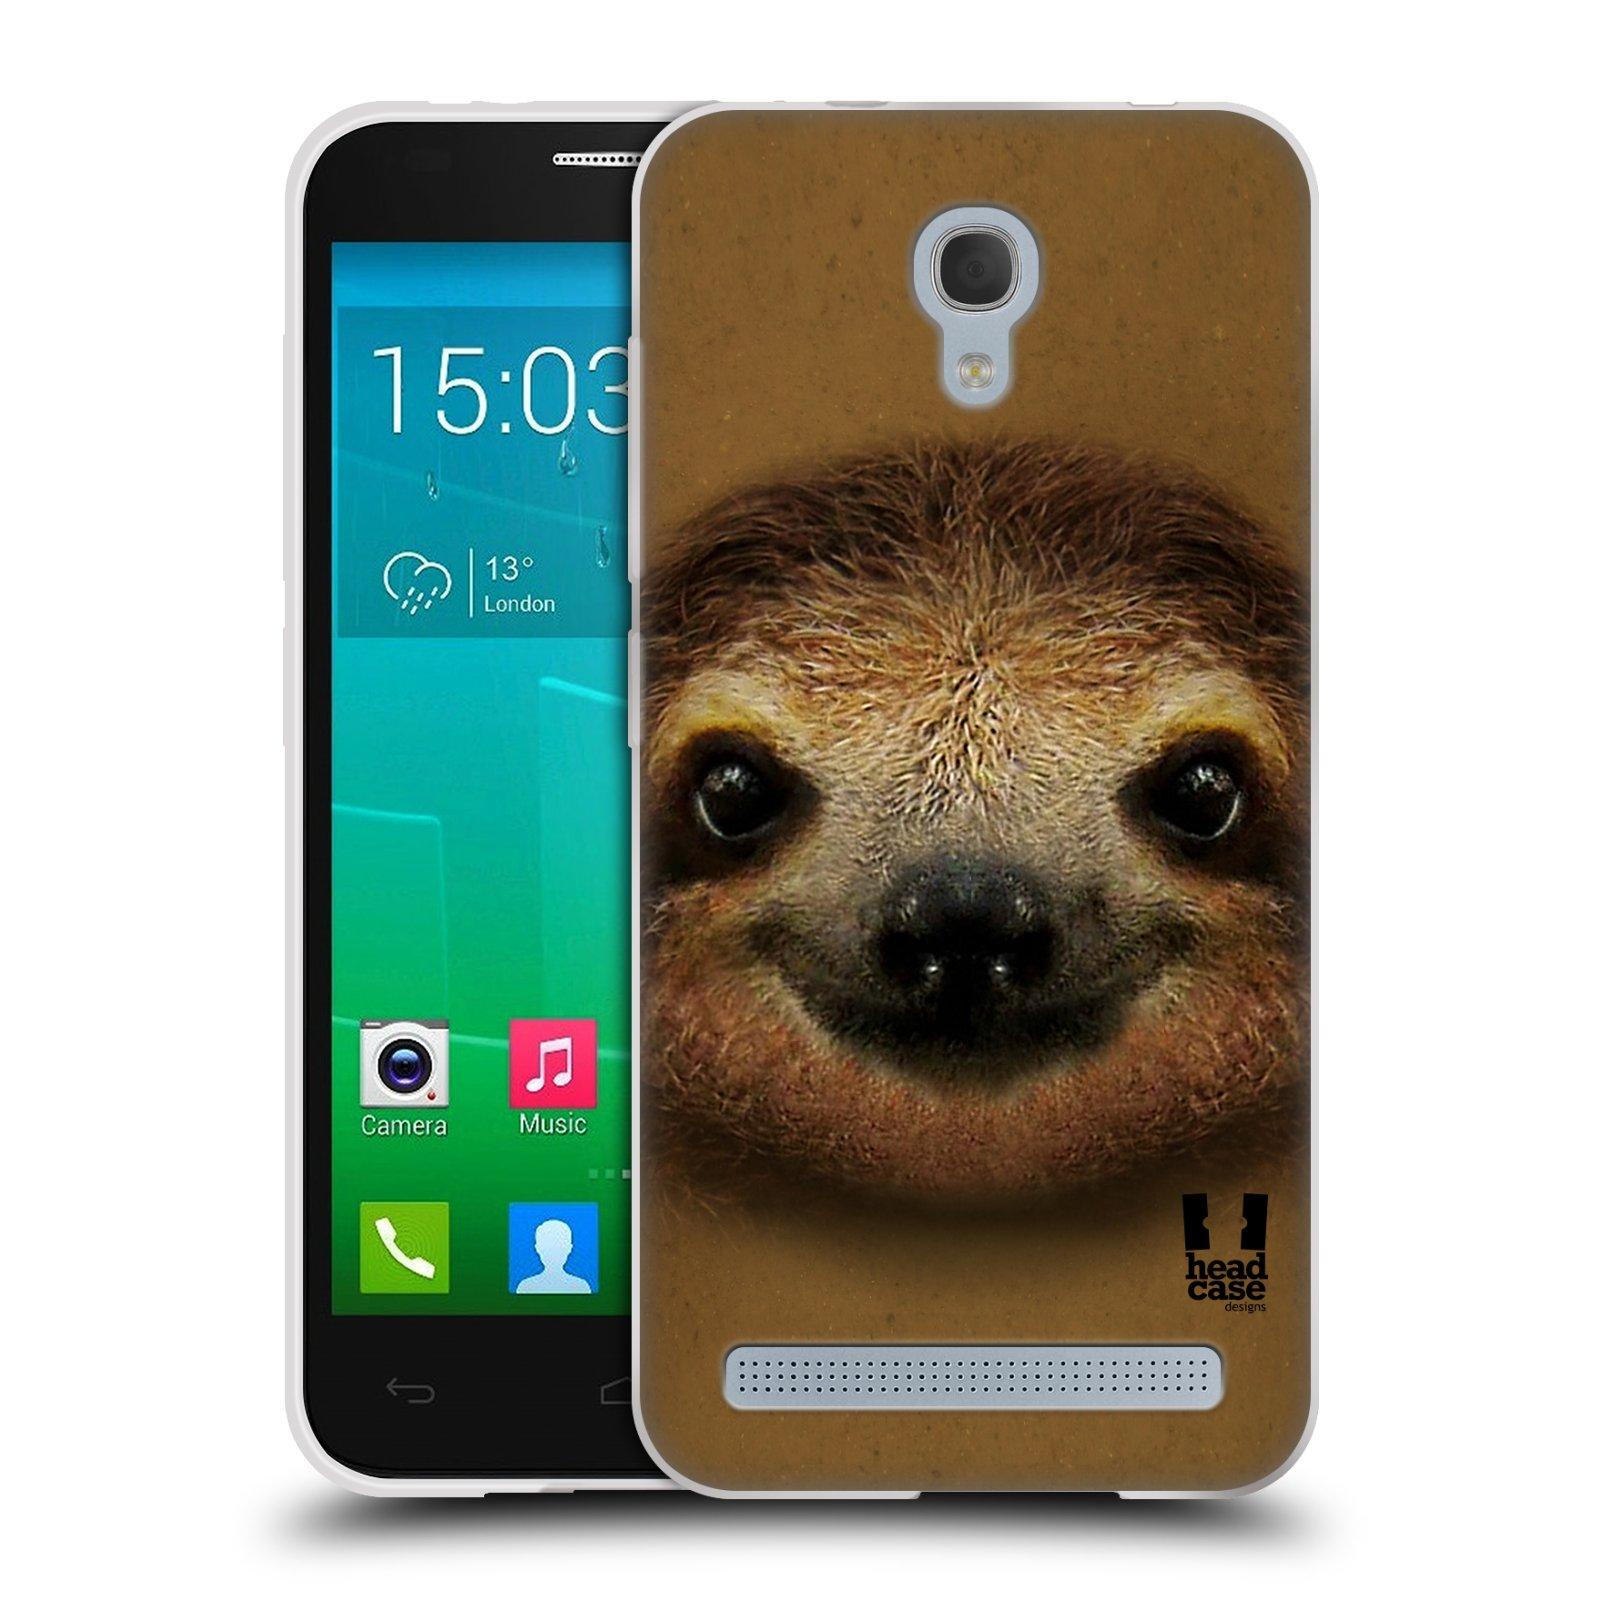 HEAD CASE silikonový obal na mobil Alcatel Idol 2 MINI S 6036Y vzor Zvířecí tváře 2 lenochod